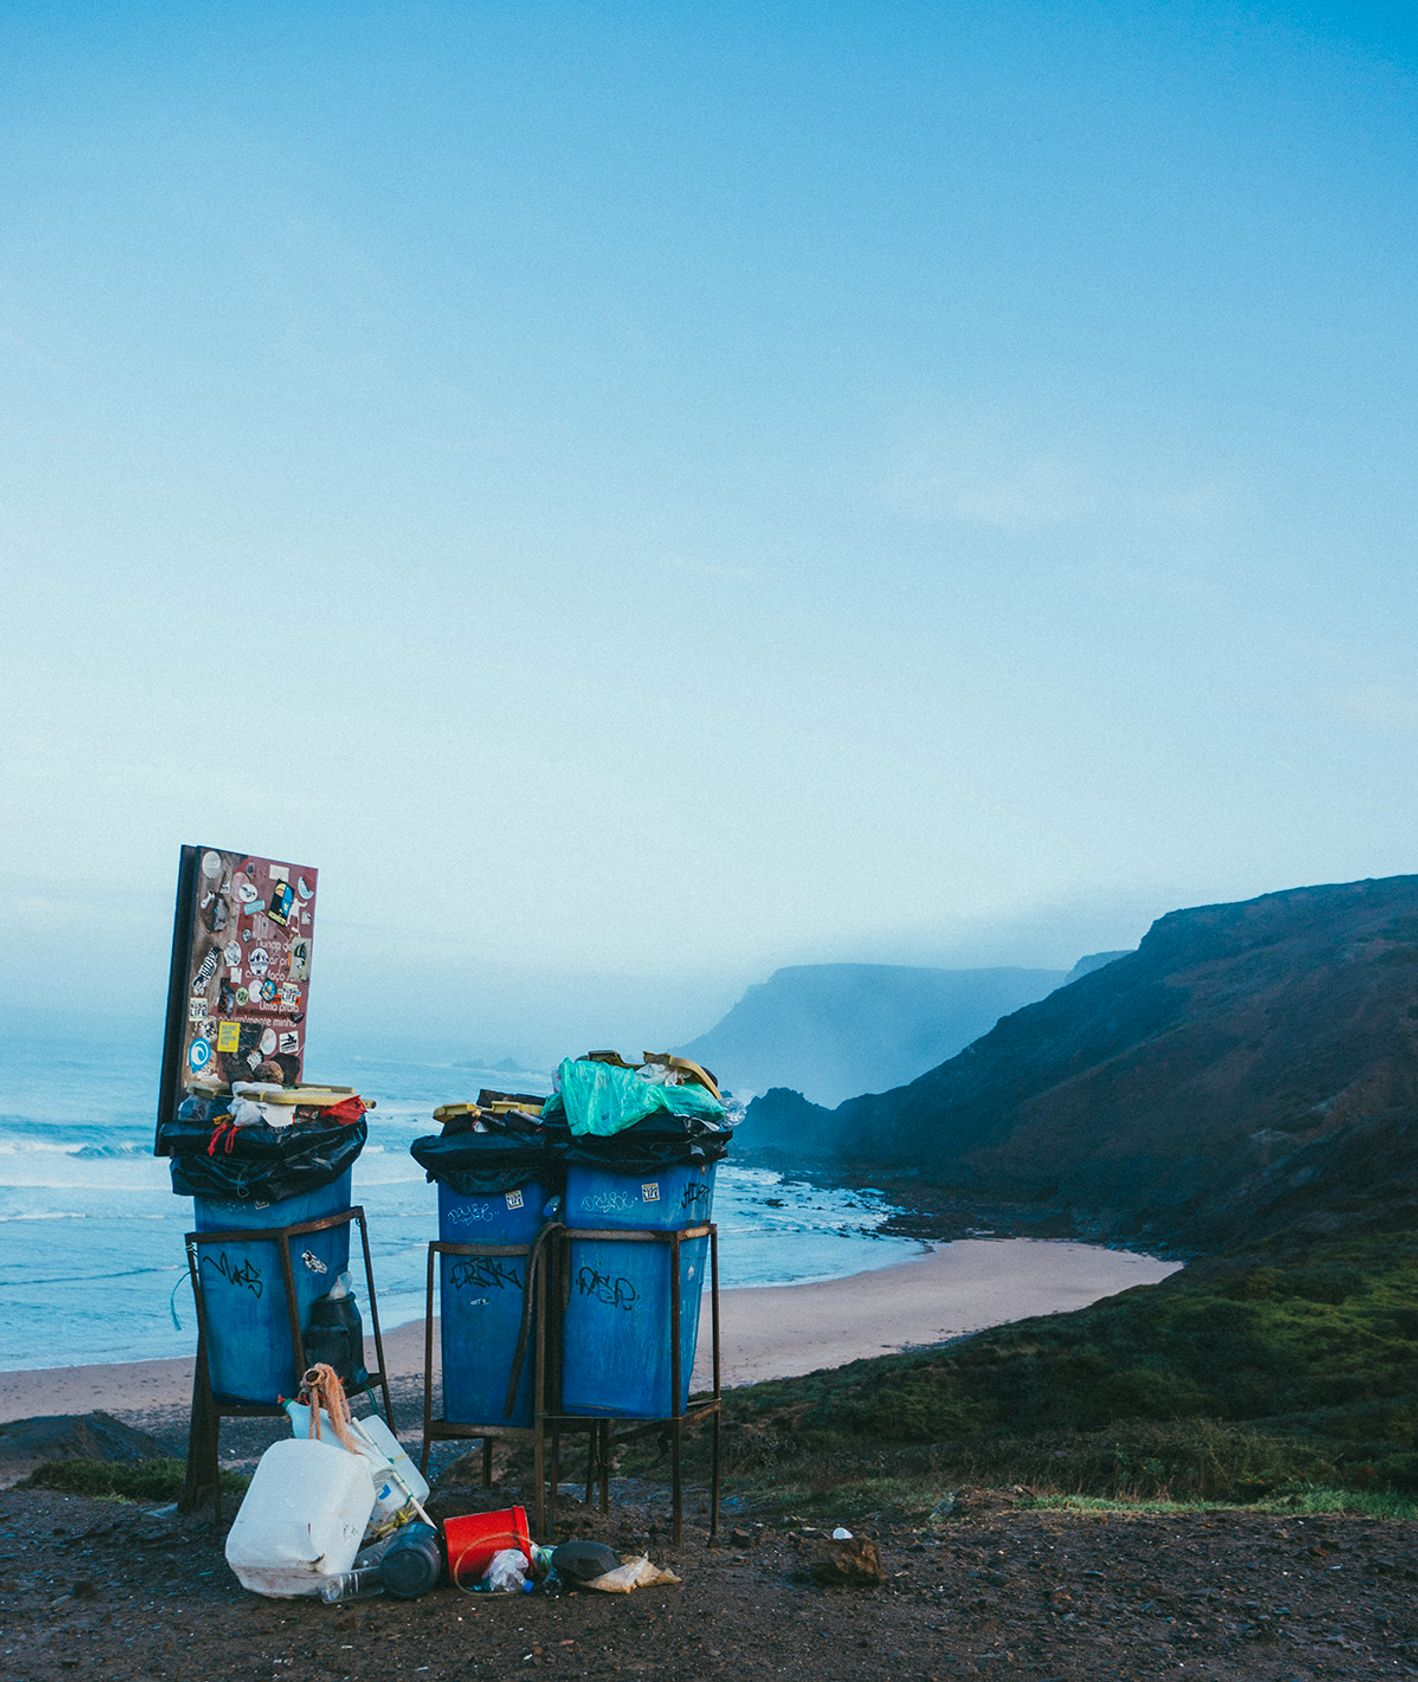 Kosze ze śmieciami przy plaży (fot. Tobias Tullius / unsplash.com)